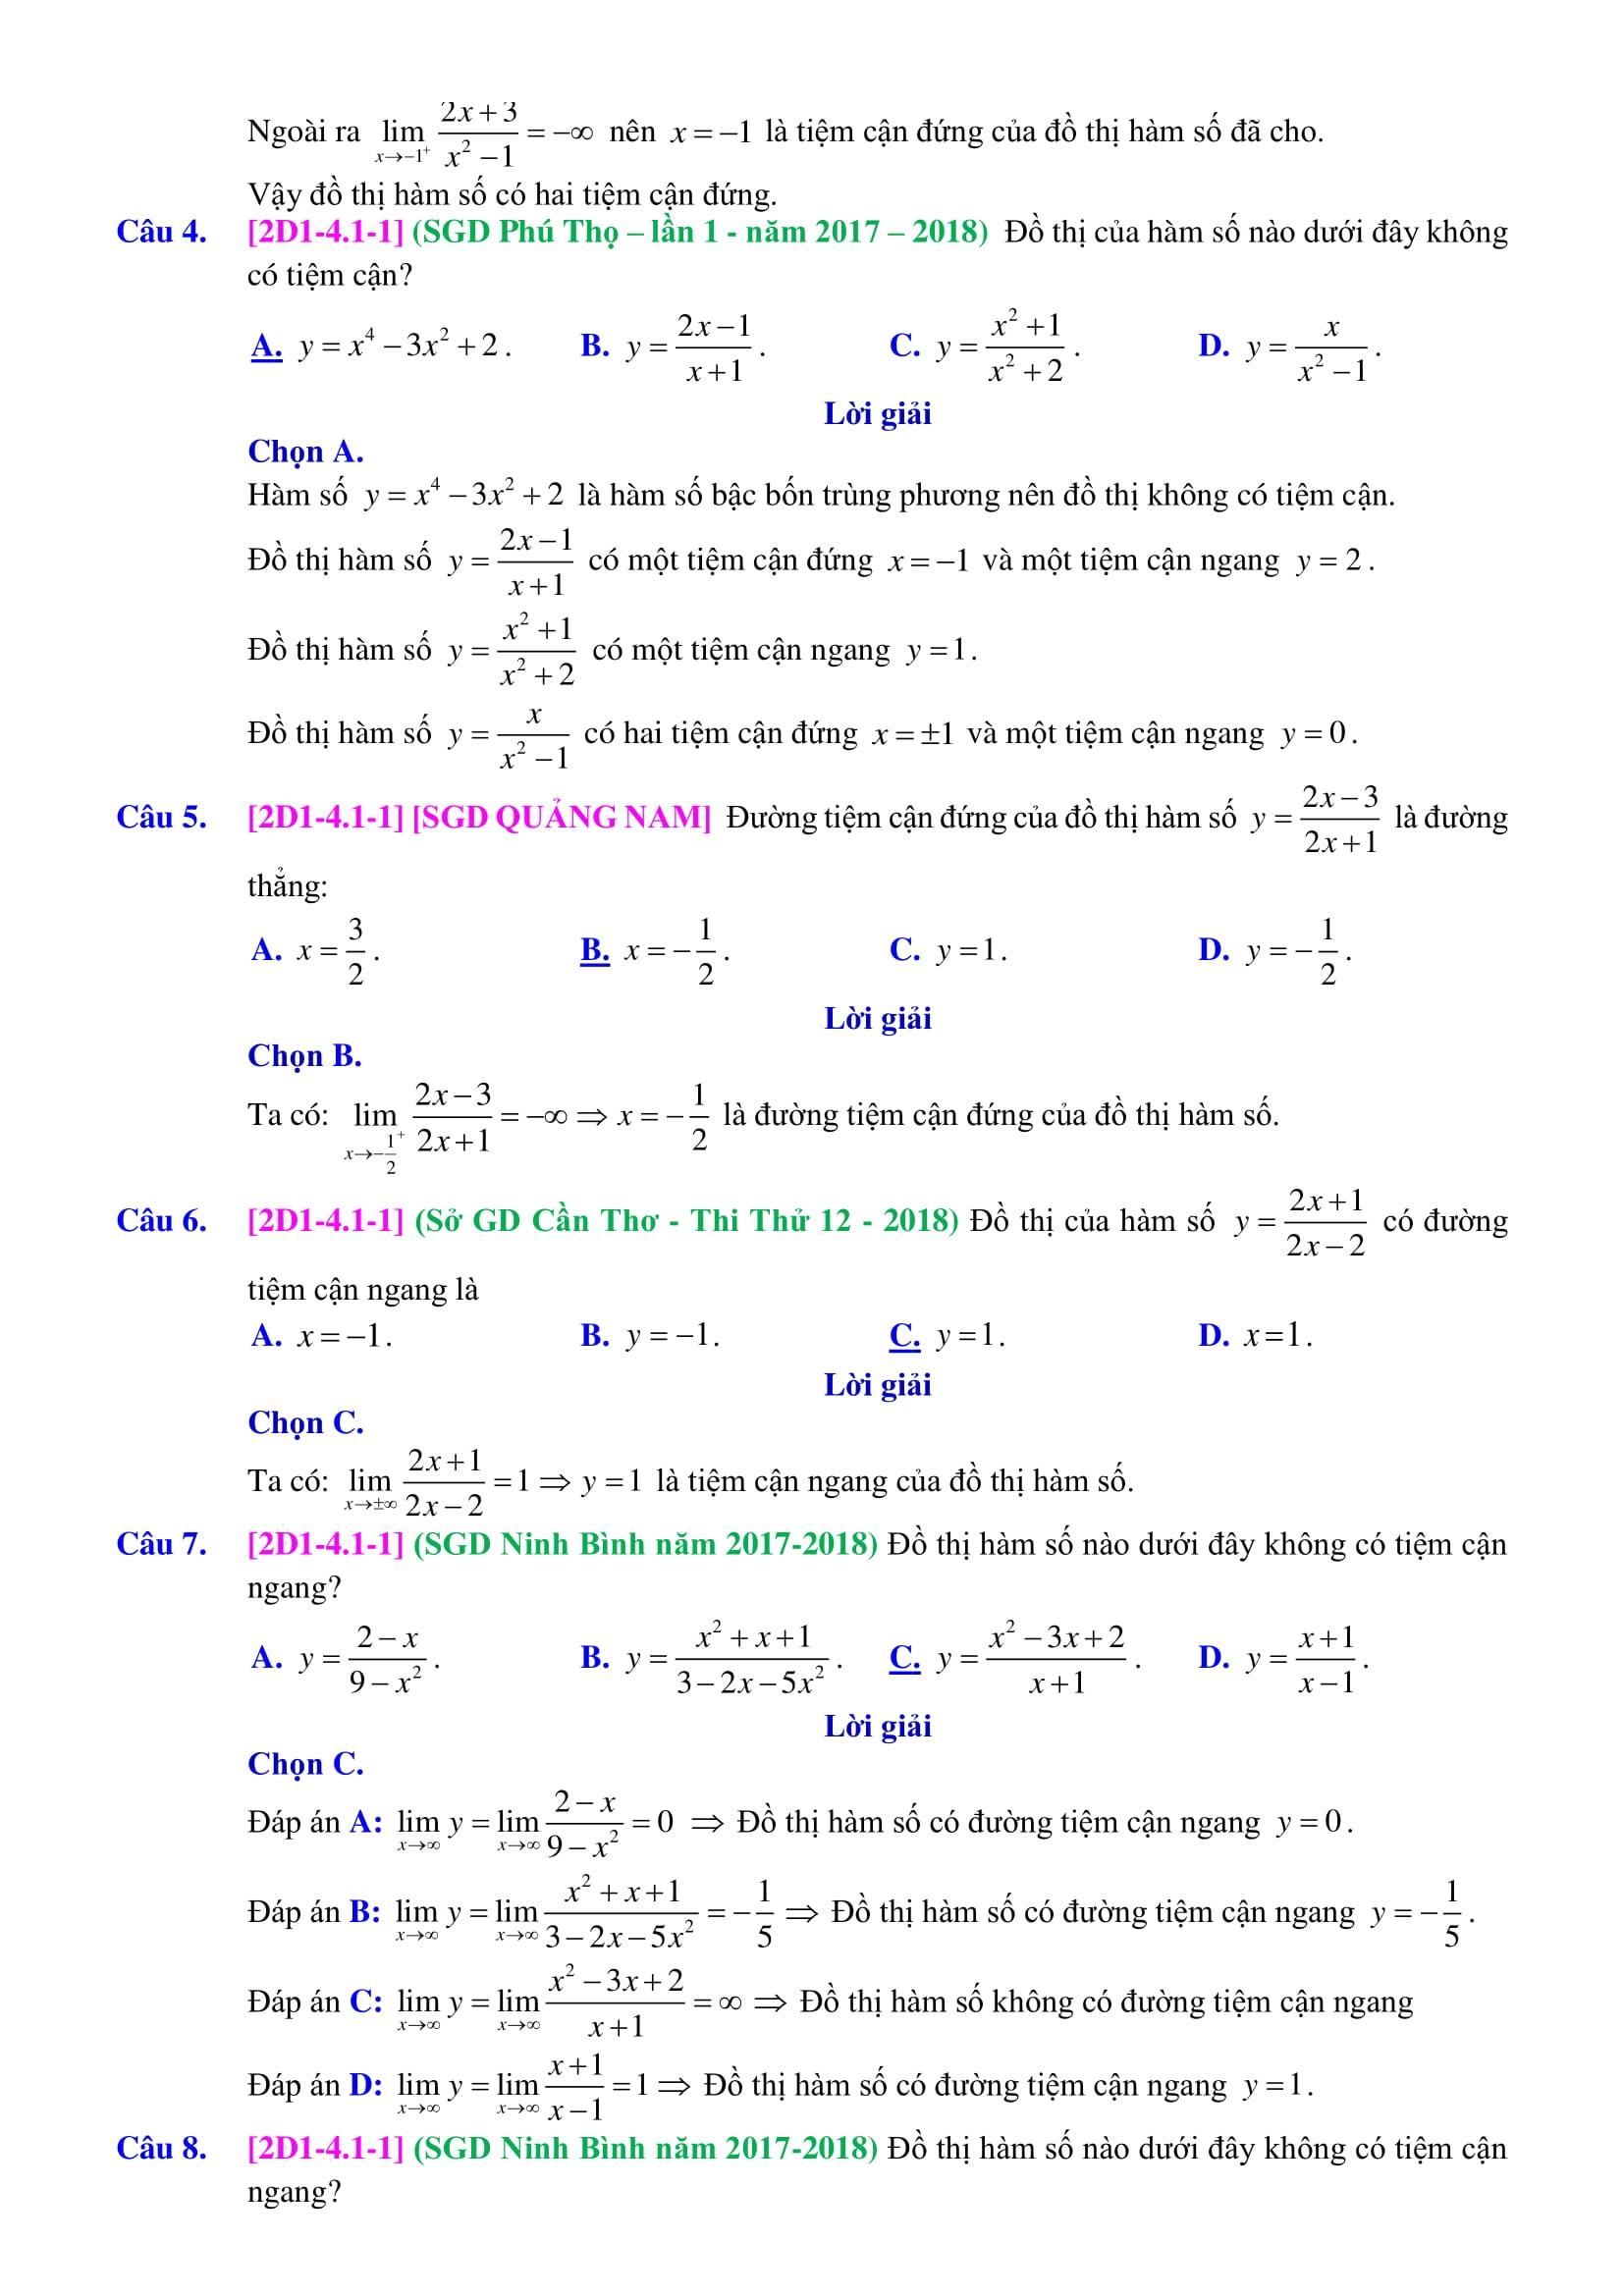 Chuyên đề Đường tiệm cận phân tích hướng dẫn đầy đủ - Toán 12